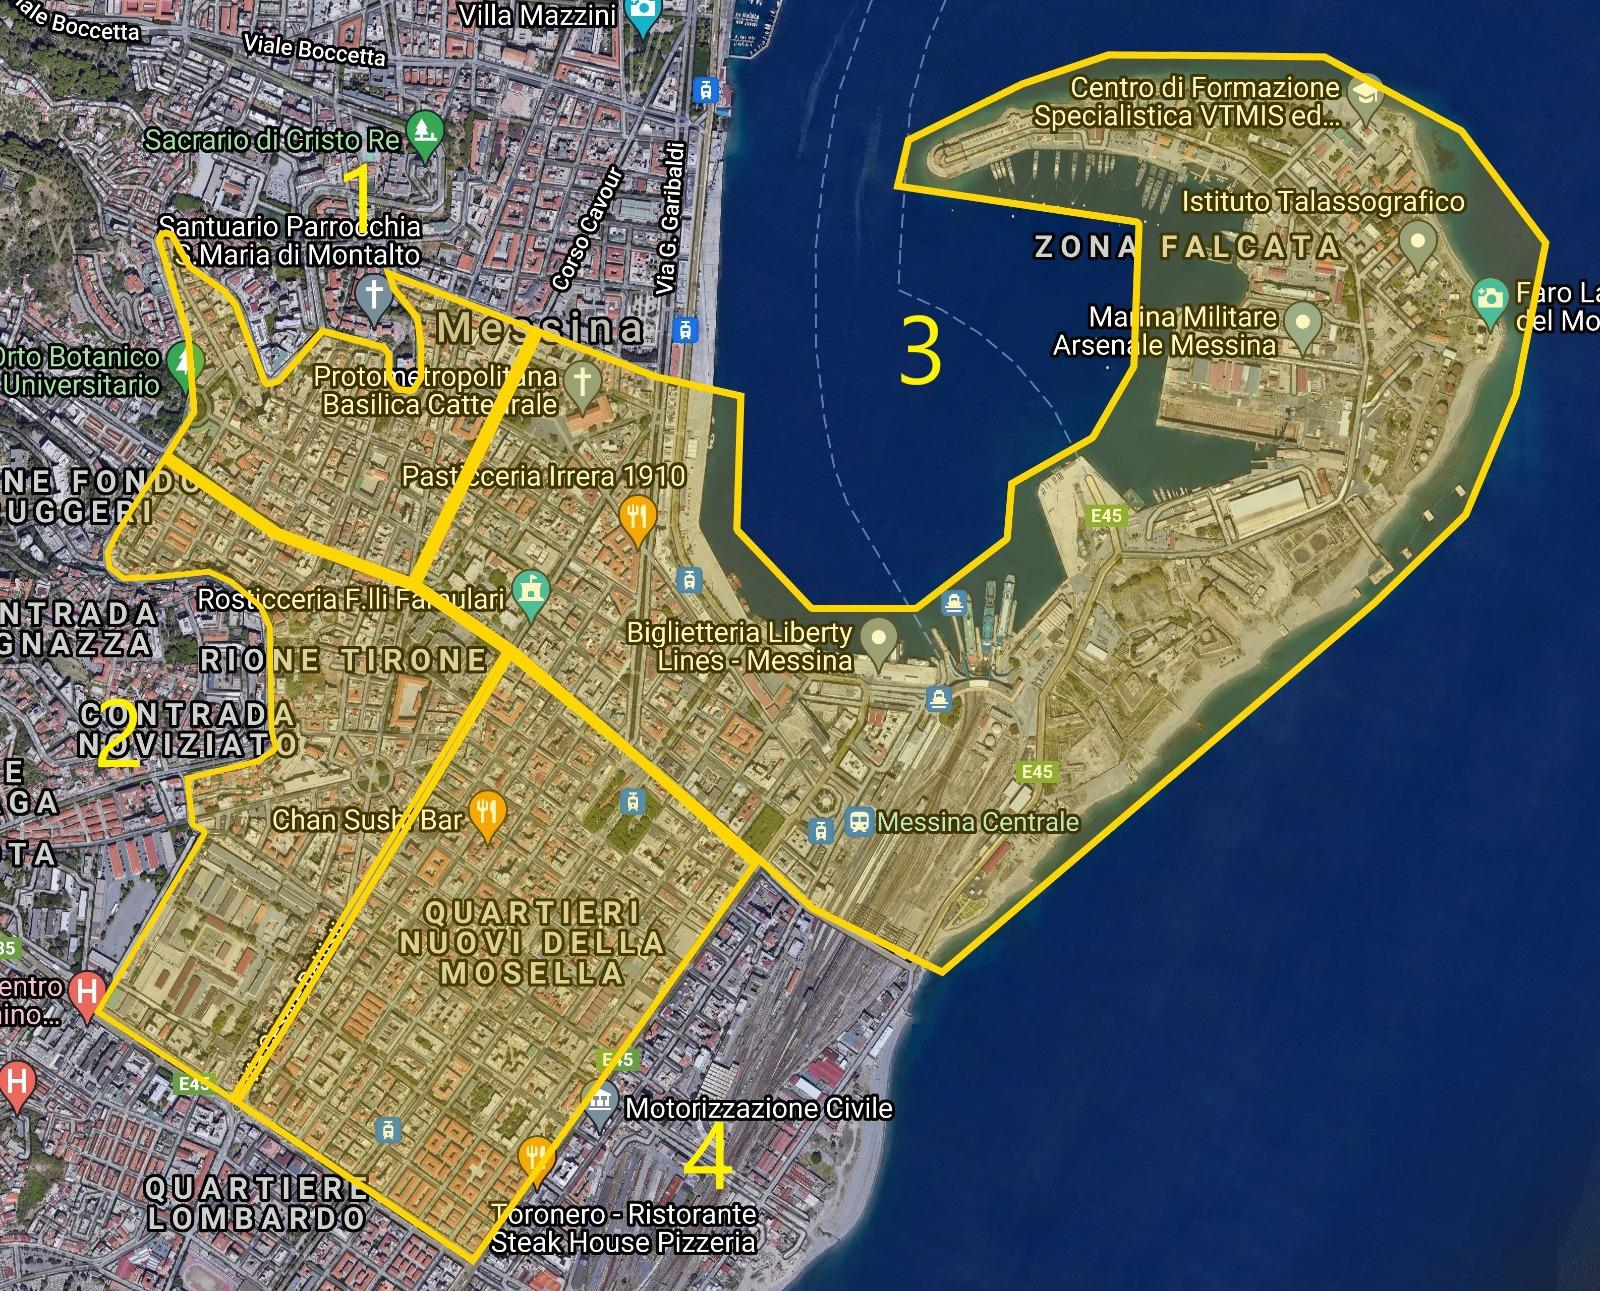 mappa della zona gialla della raccolta differenziata porta a porta a messina